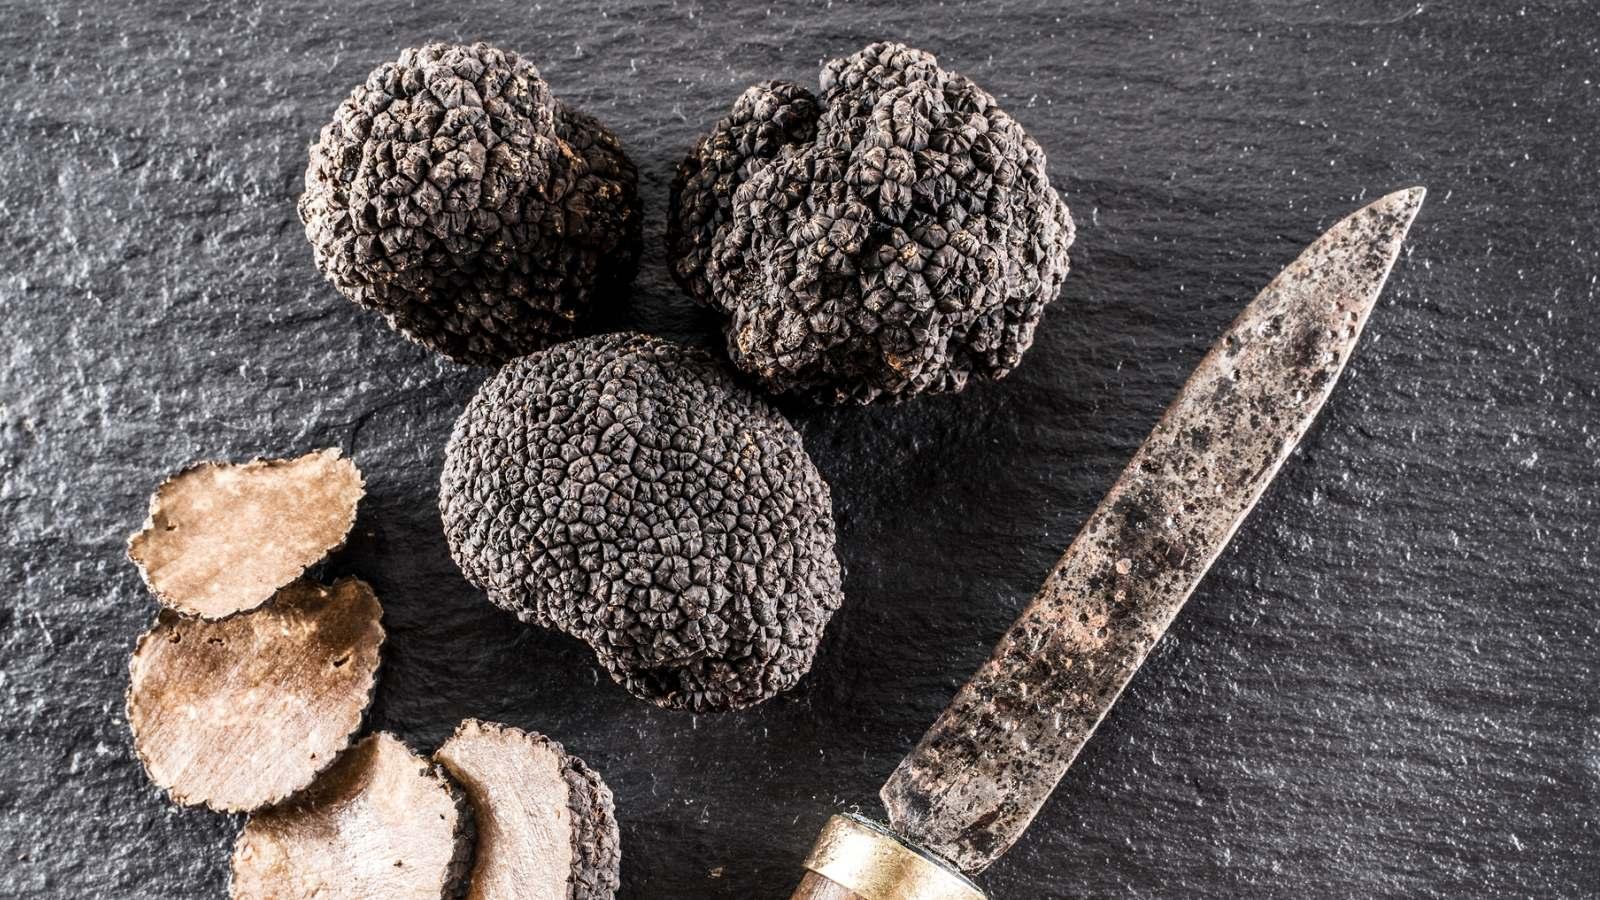 truffle-sex-secrets-revealed!-epicureans-rejoice.